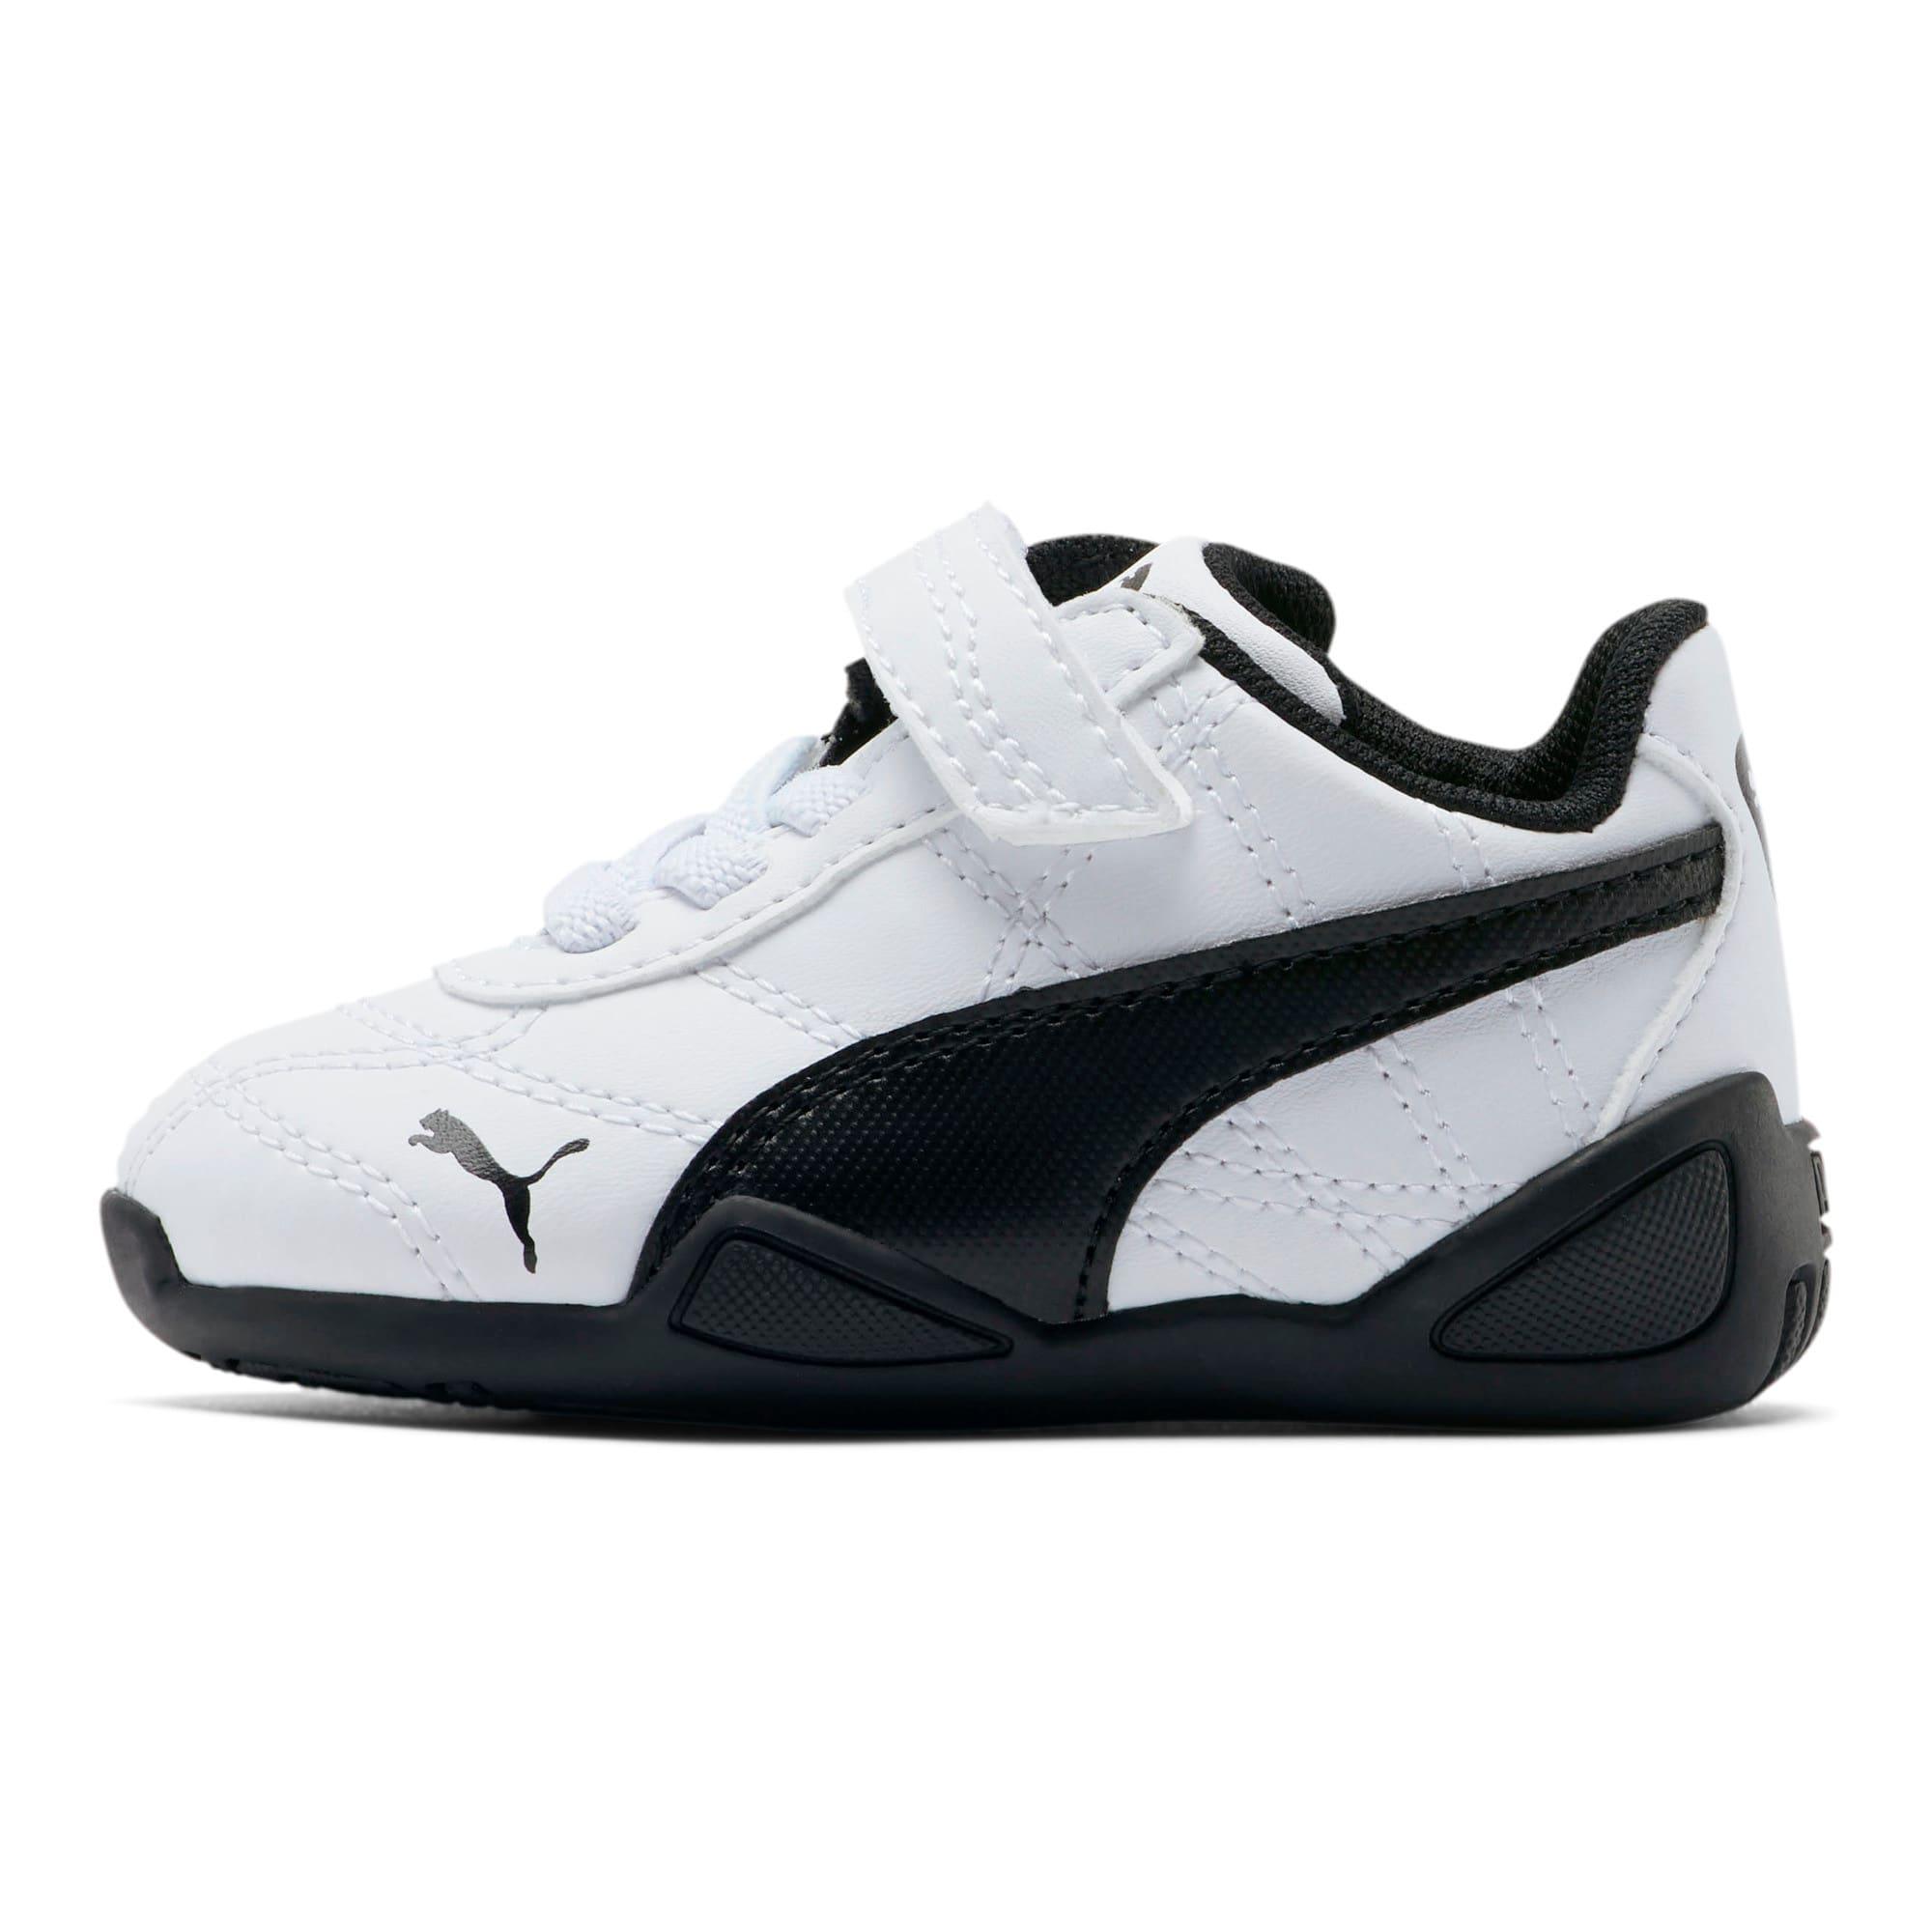 Miniatura 1 de Zapatos Tune Cat3AC para bebés, Puma White-Puma Black, mediano